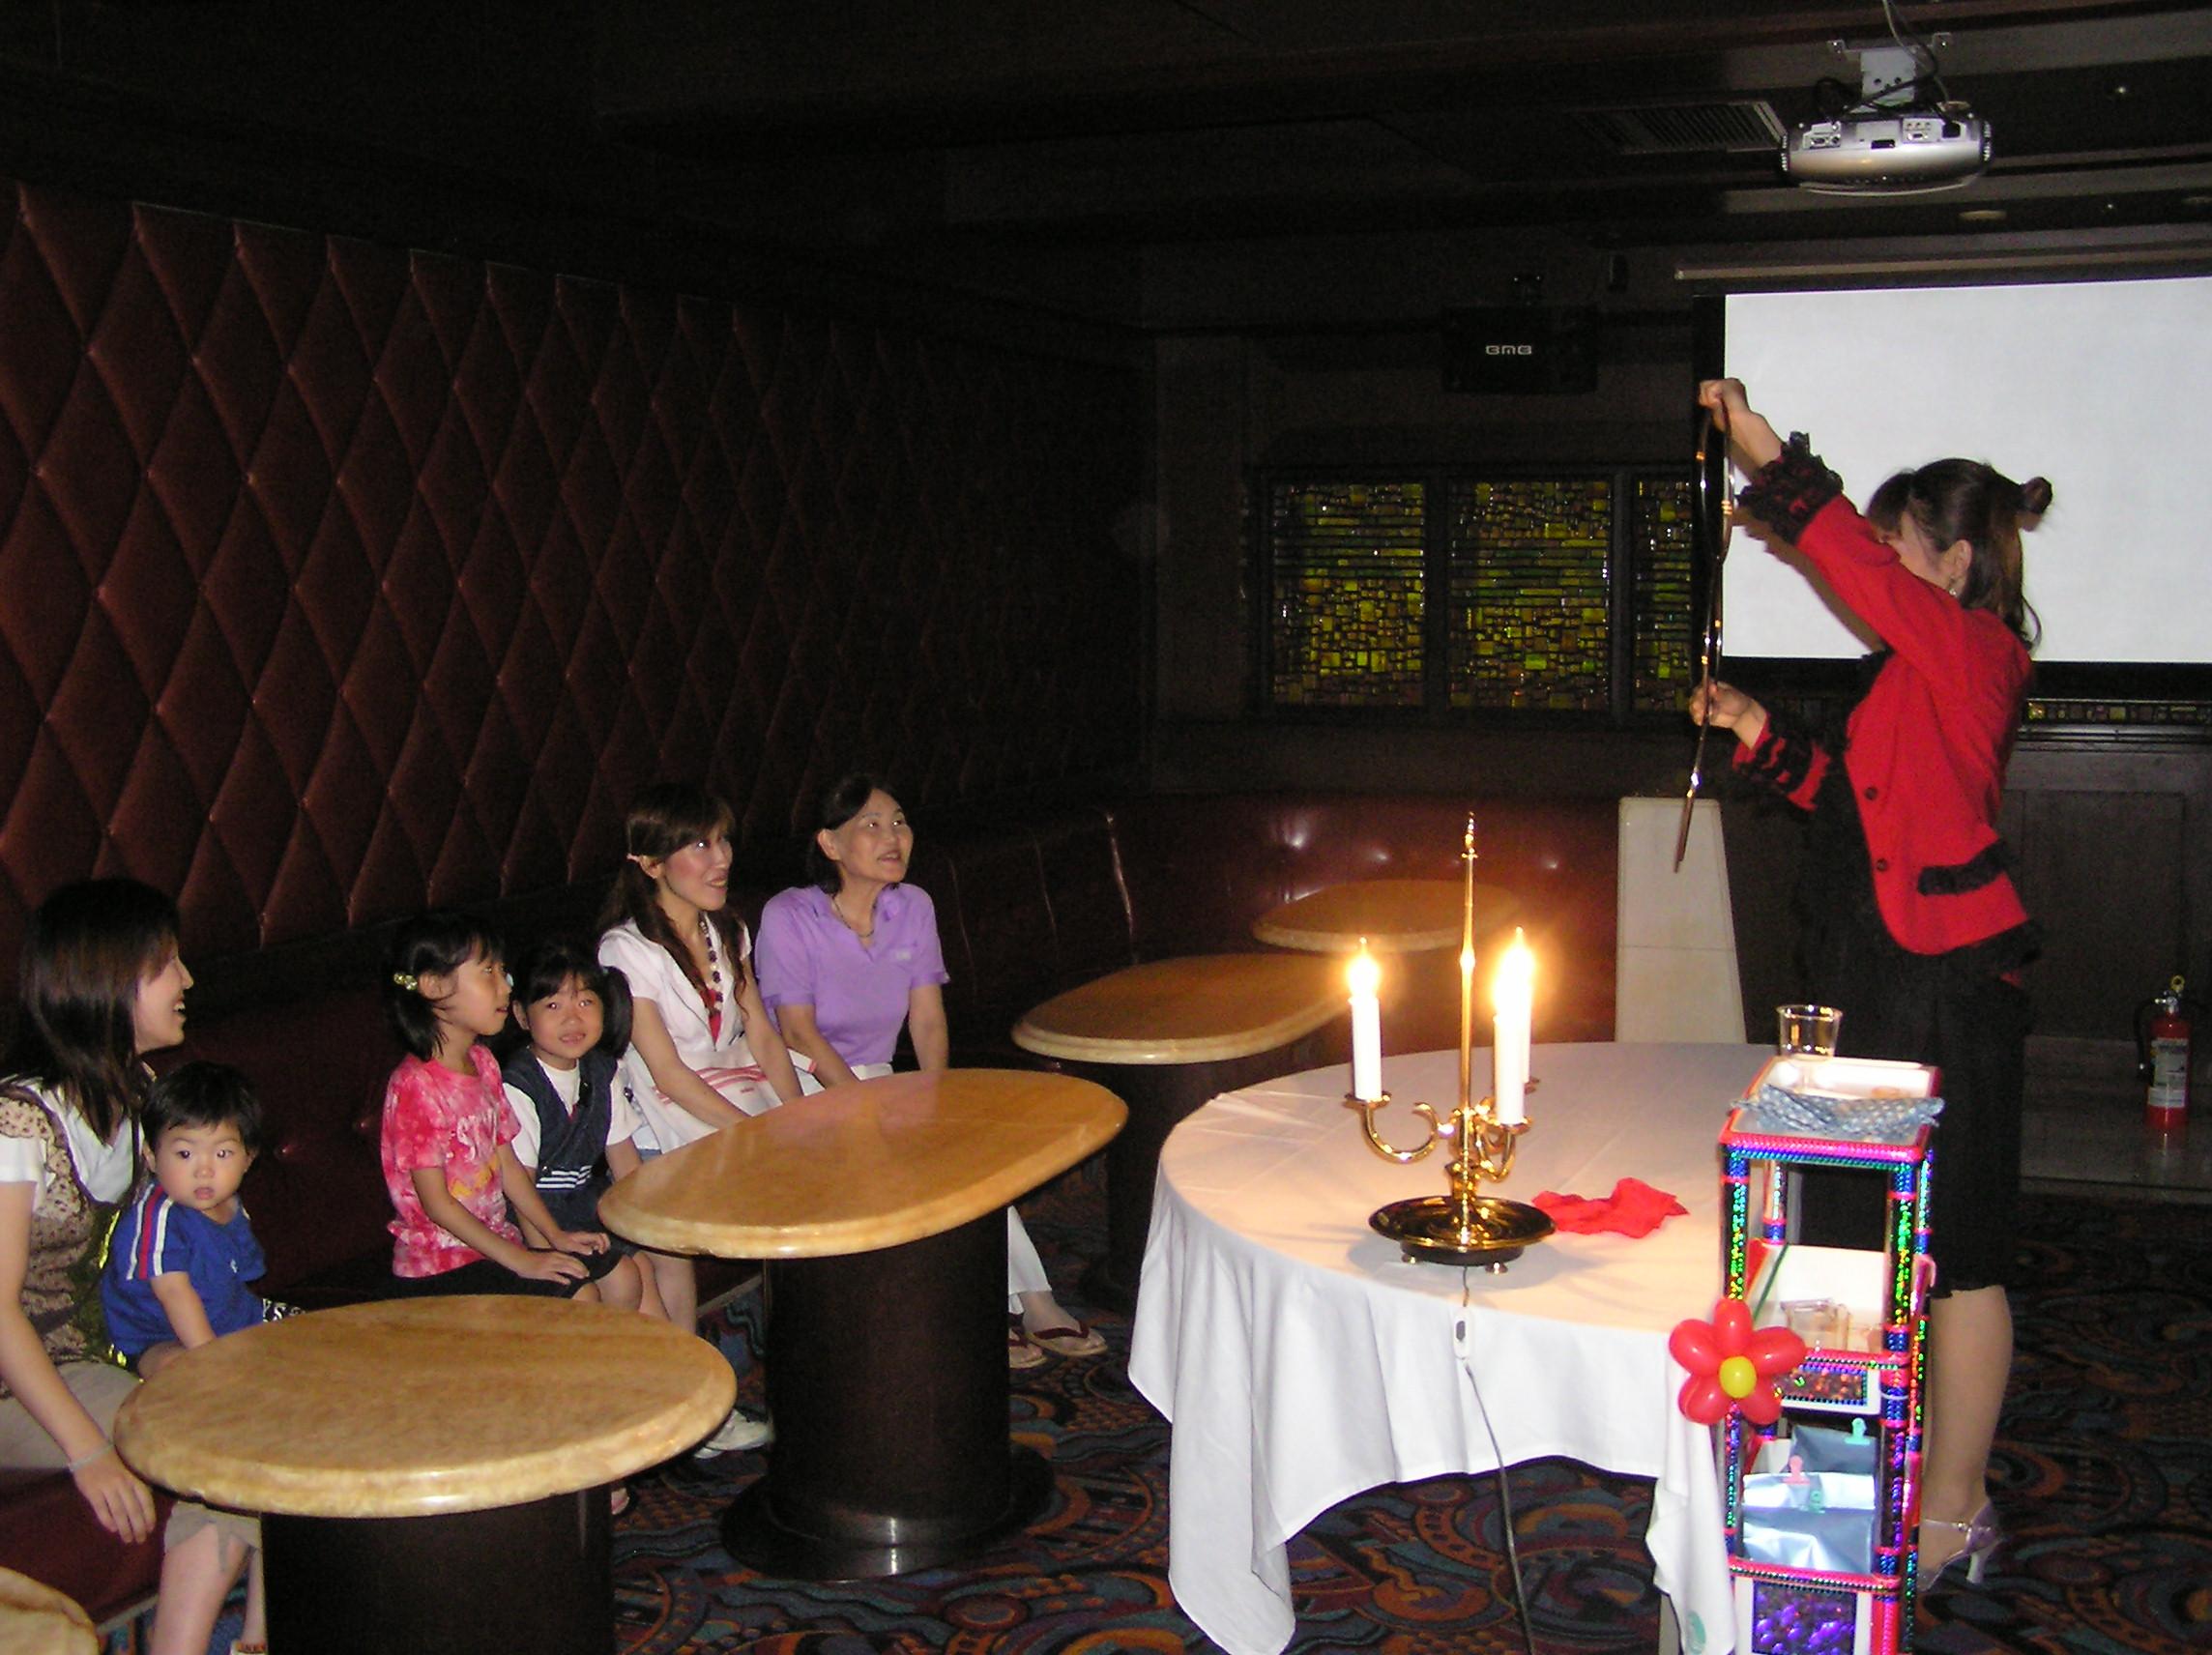 忘年会・創立記念式典・懇親会・イベントの余興・アトラクションに出張お笑い女性マジシャン派遣